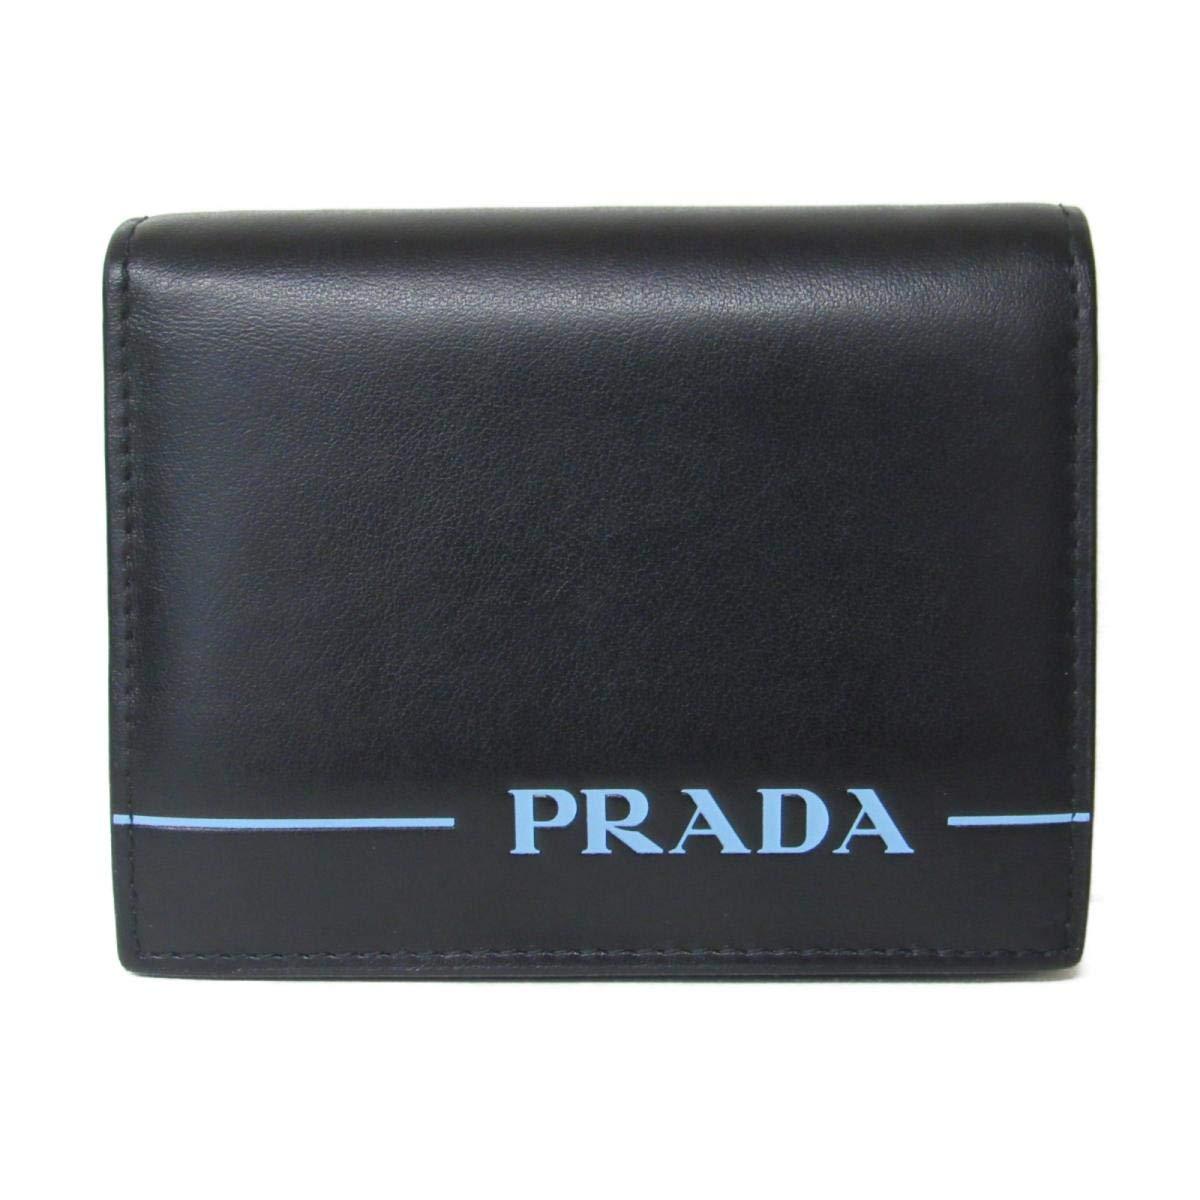 [プラダ] PRADA 二つ折財布 財布 ブラック×ブルー レザー 1MV204 [中古]   B07MJJDSST